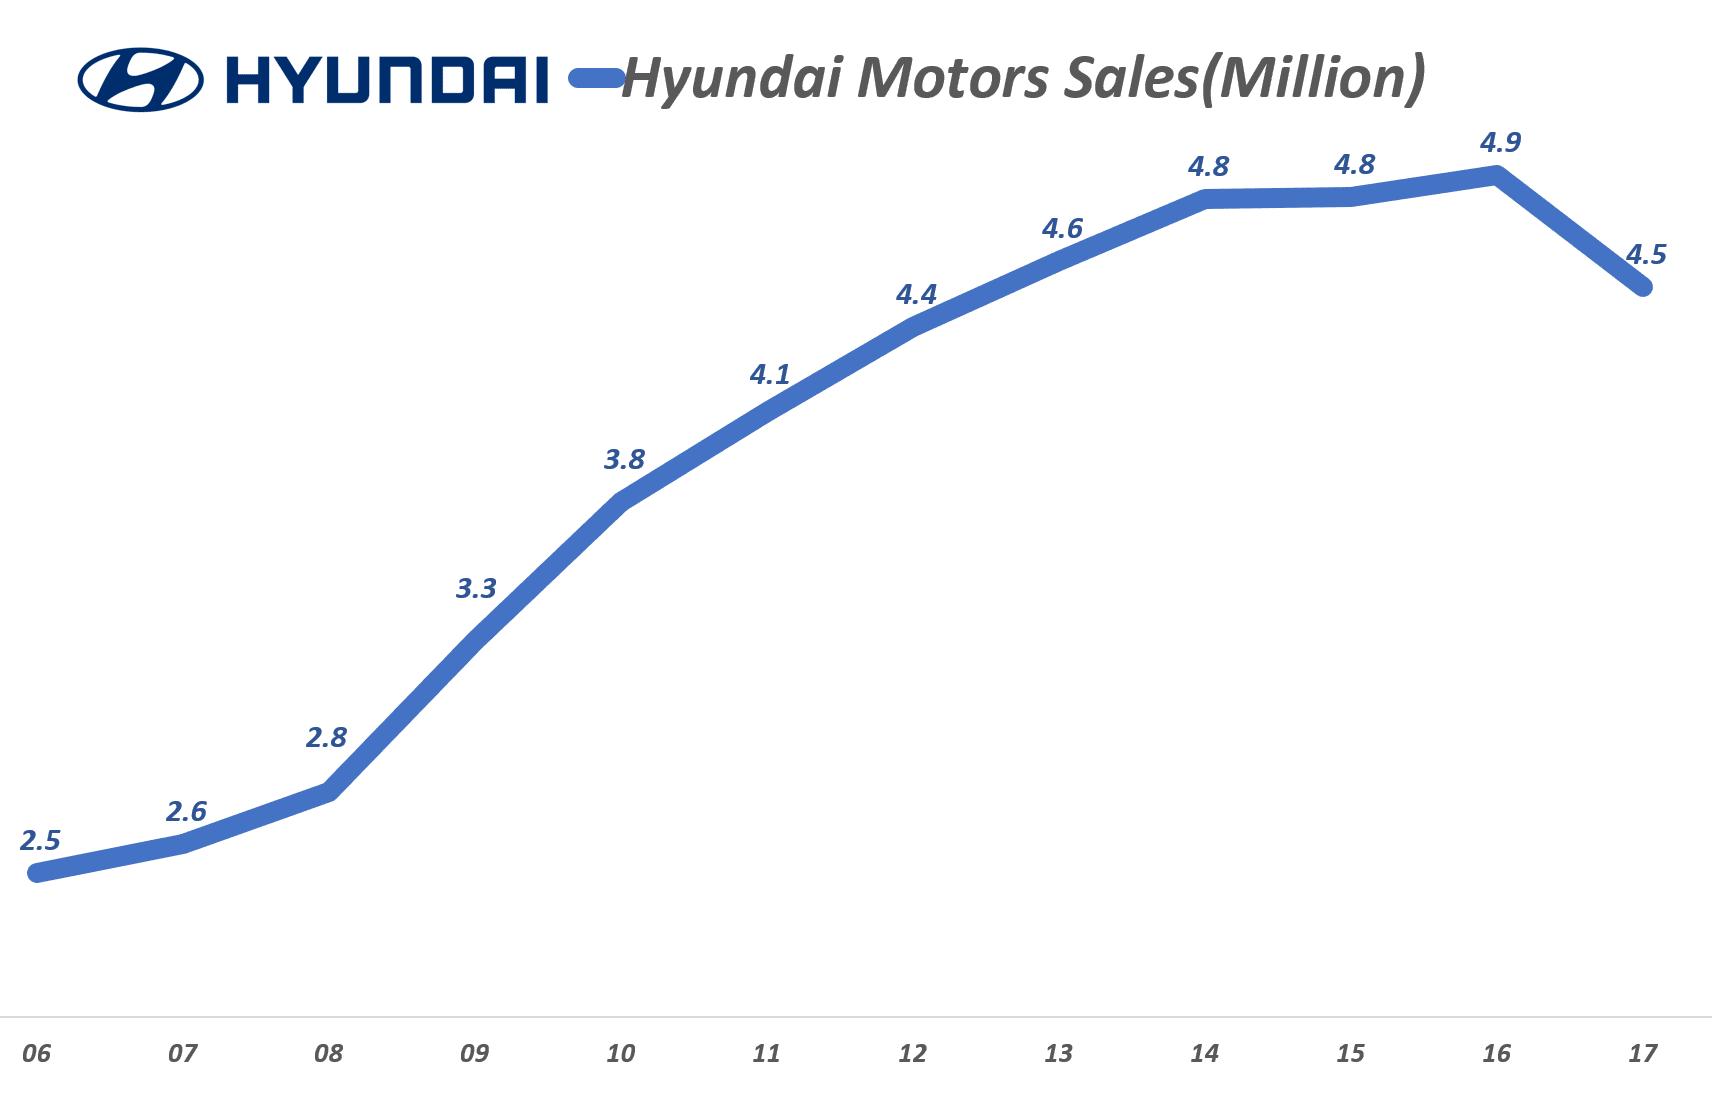 현대자동차 년도별 자동차 판매량 추이, Graph by Happist